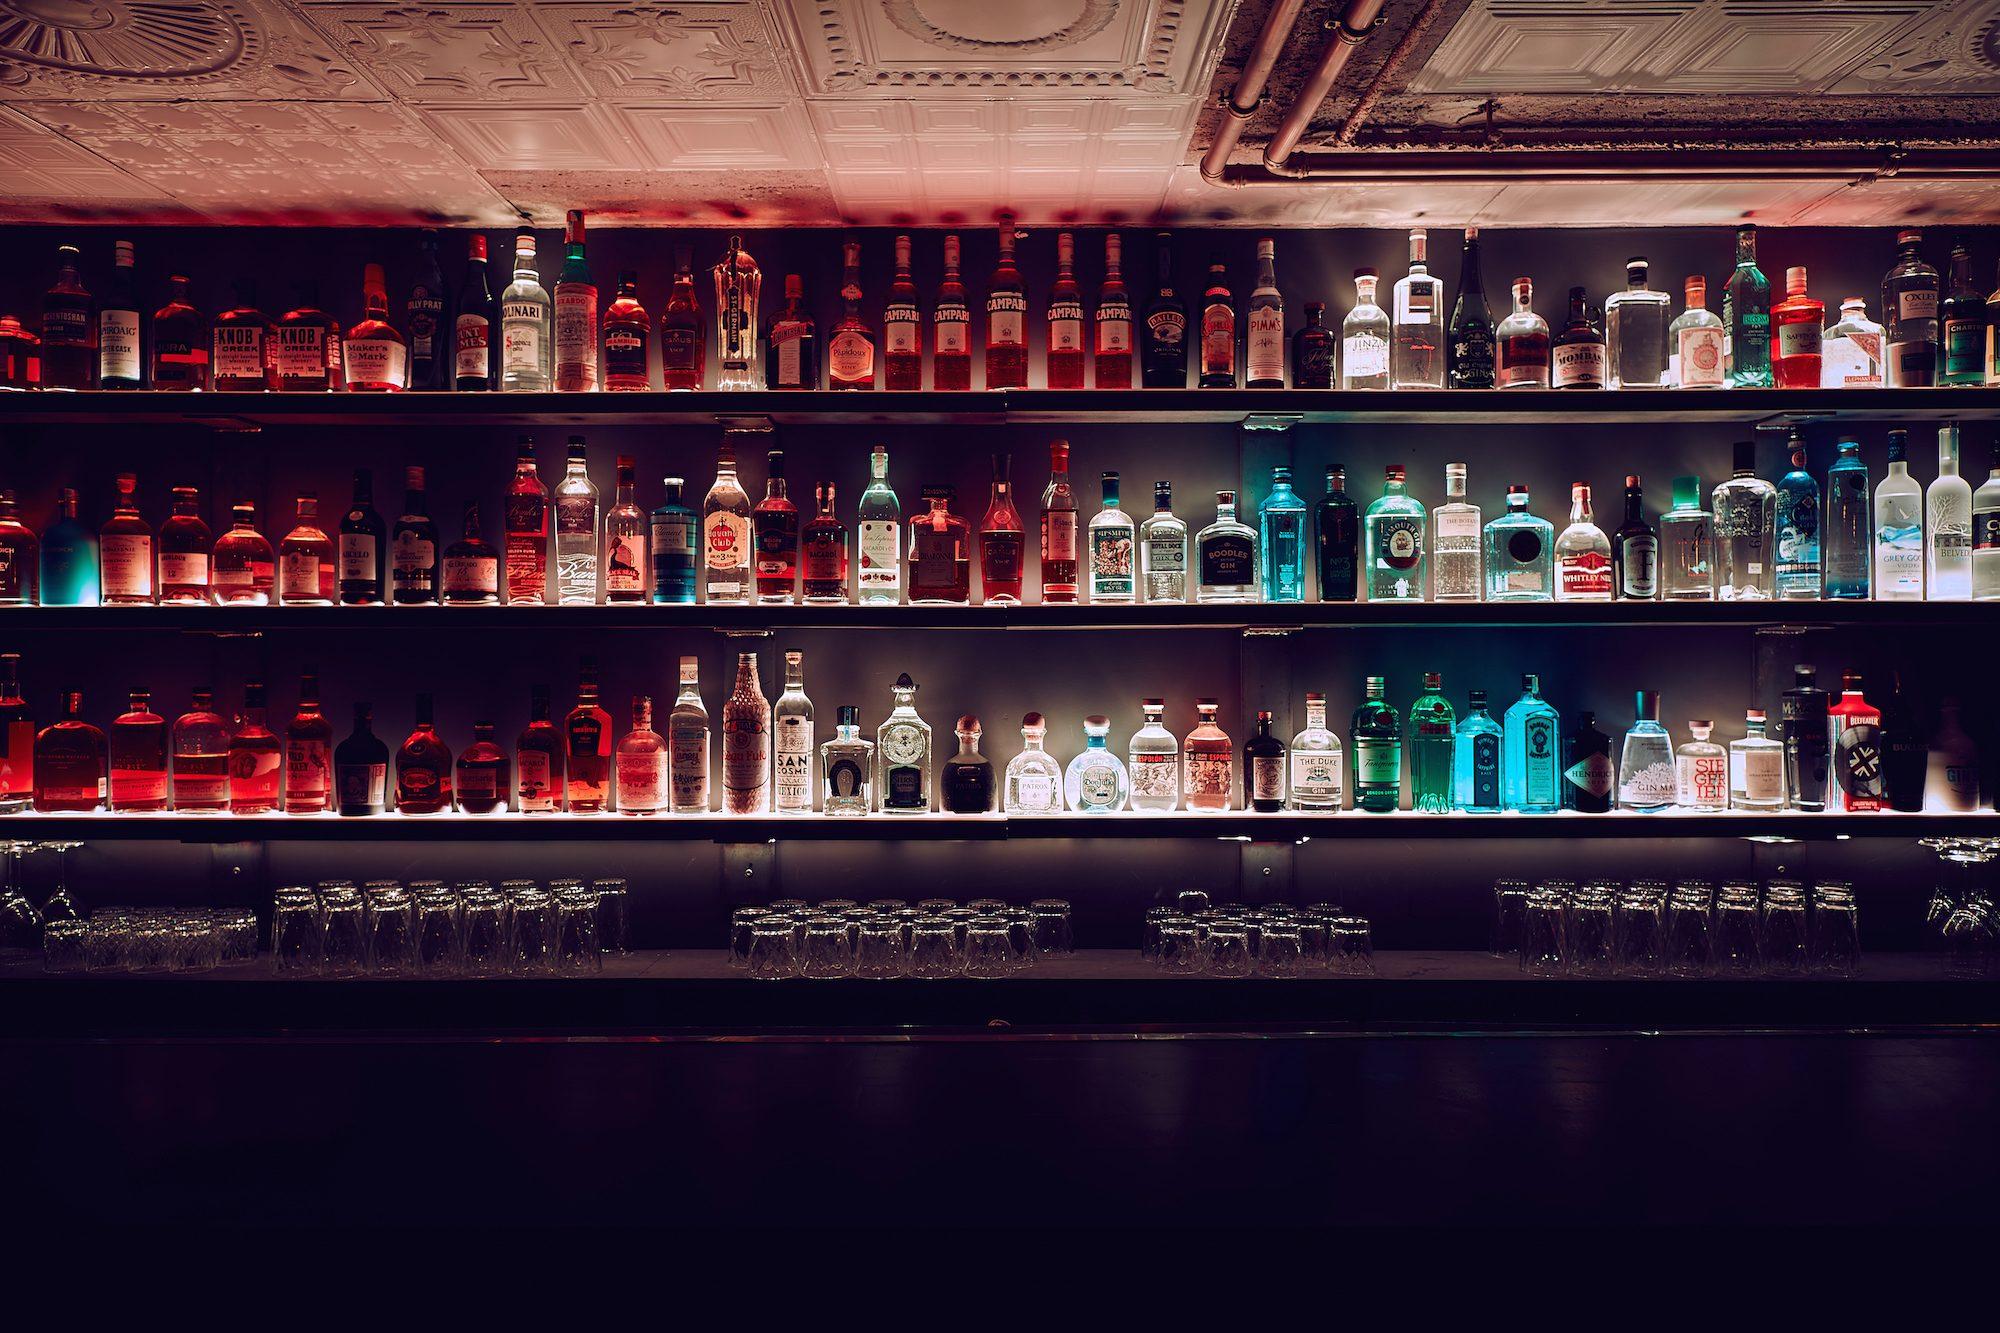 Einblick in die Bar Forty Drops in Düsseldorf